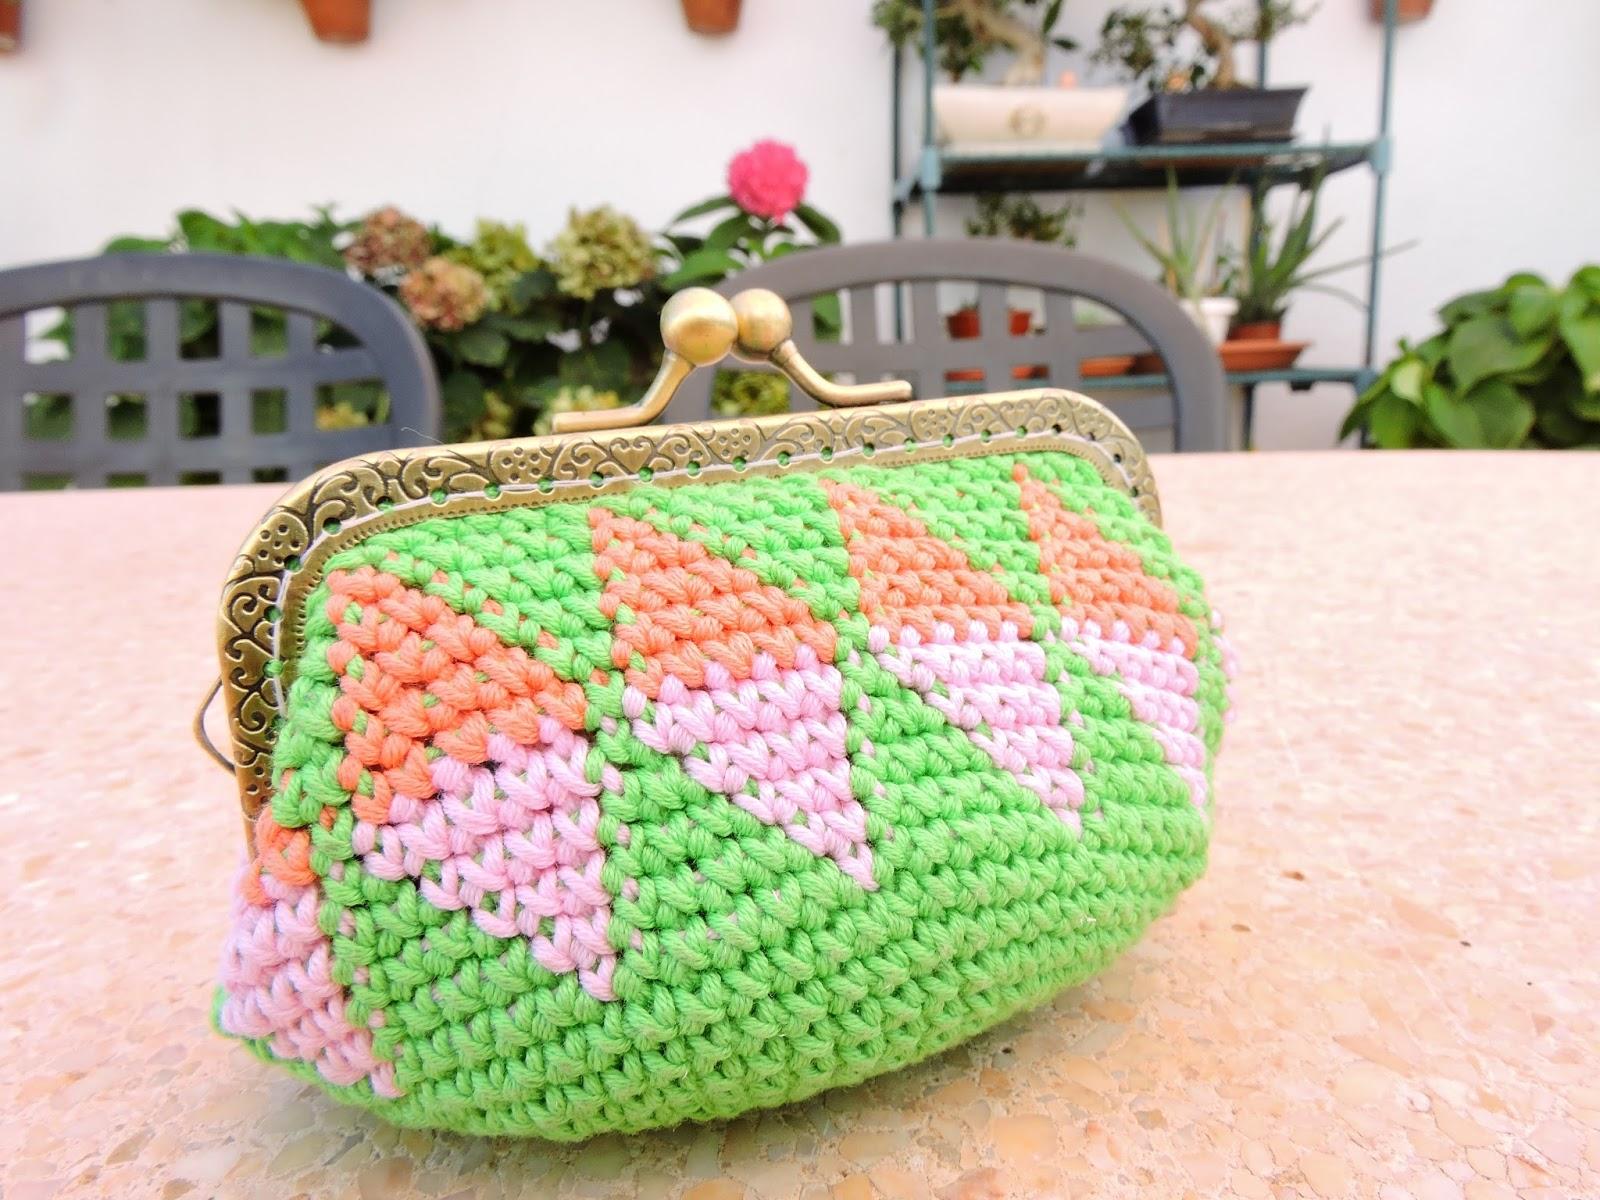 Patrones crochet manualidades y reciclado como tejer - Manualidades a crochet paso a paso ...